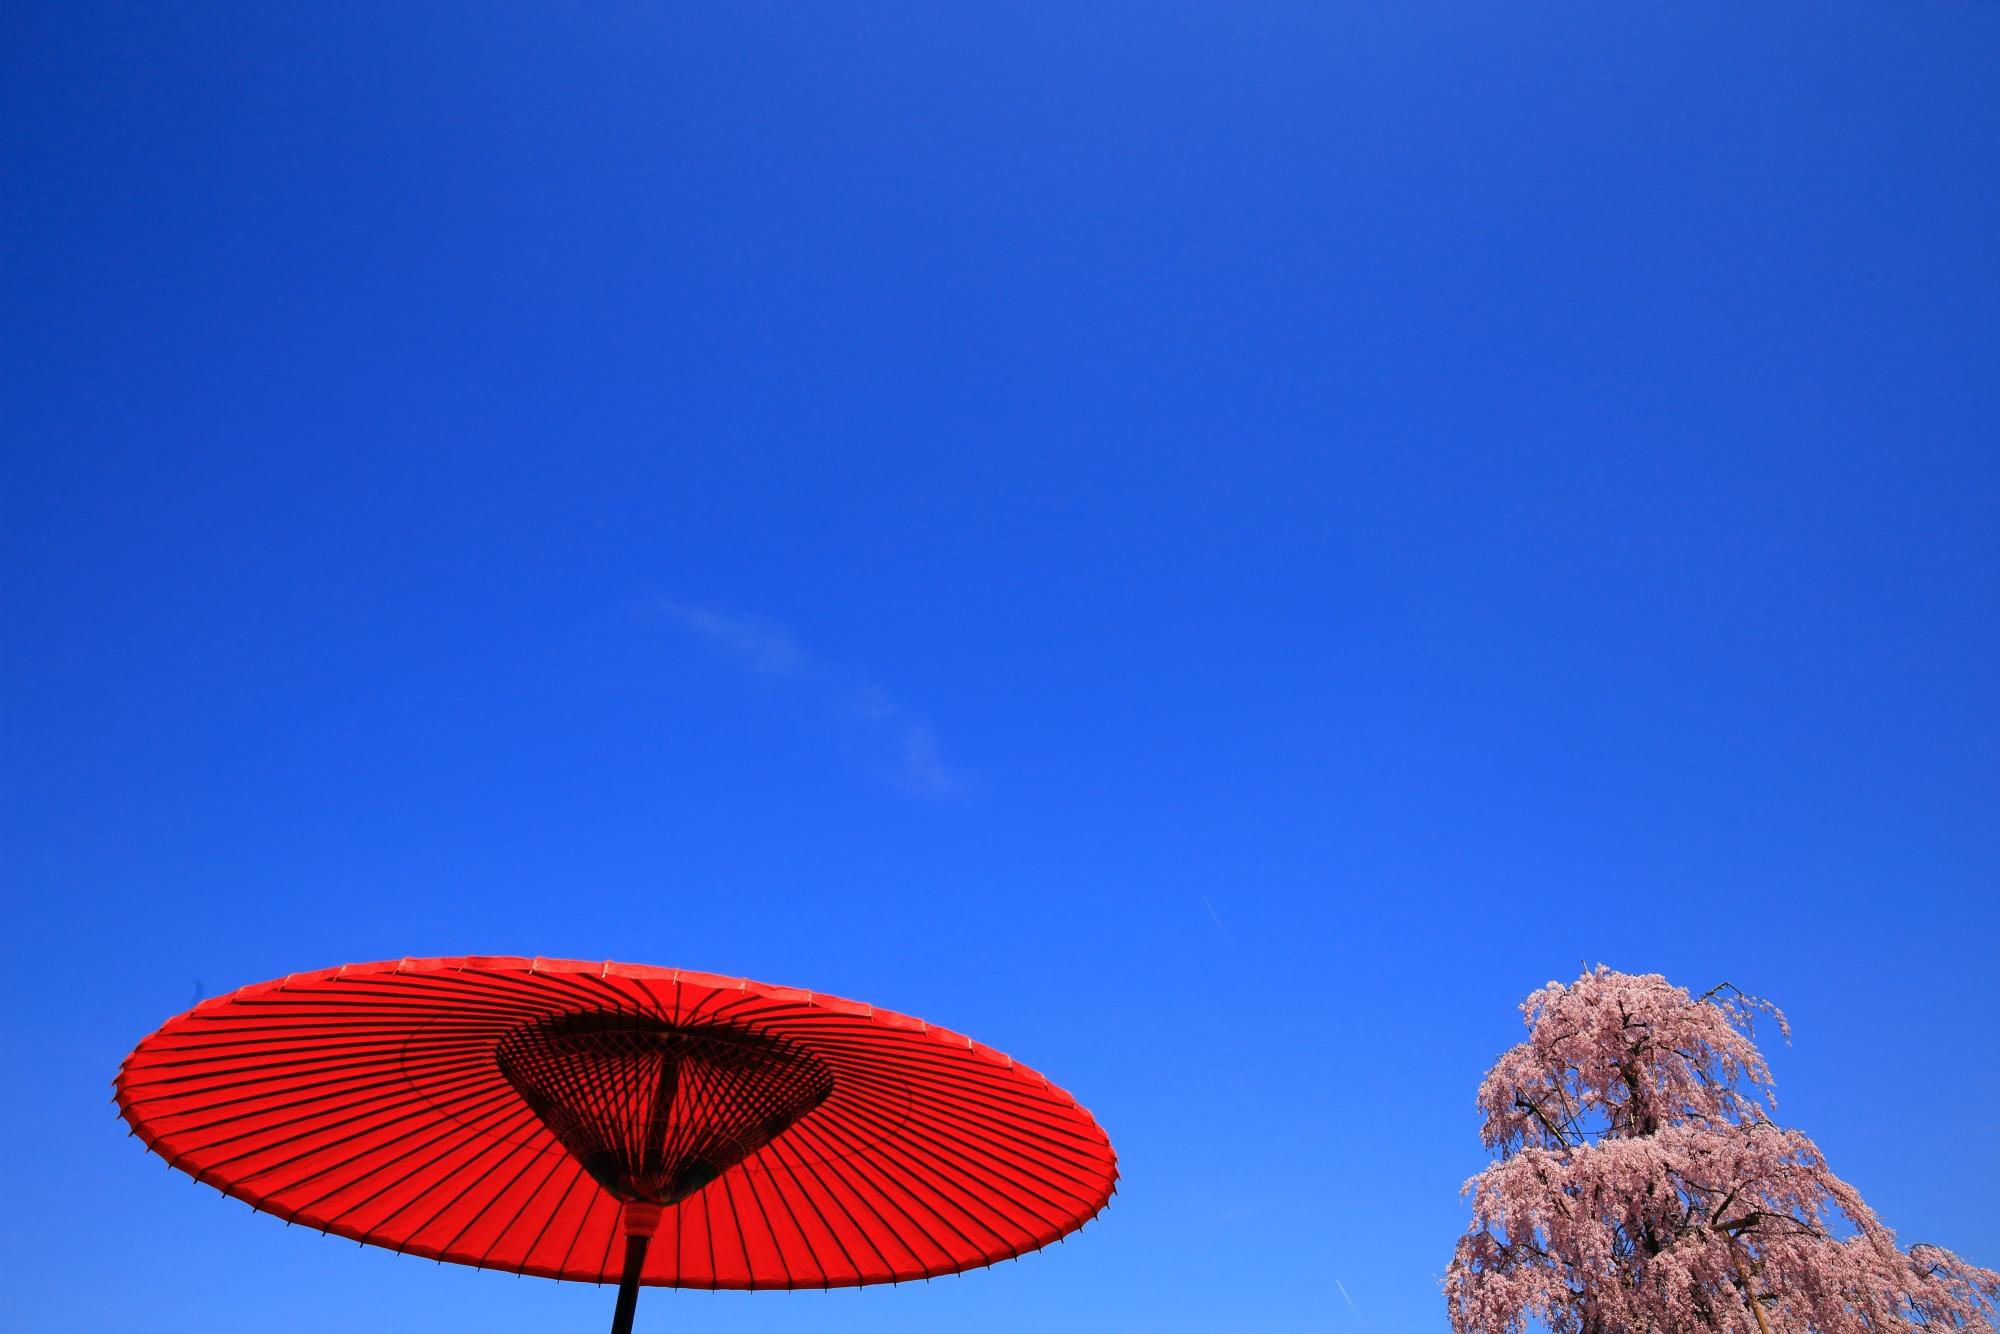 青空に映える和傘の赤と桜のピンク